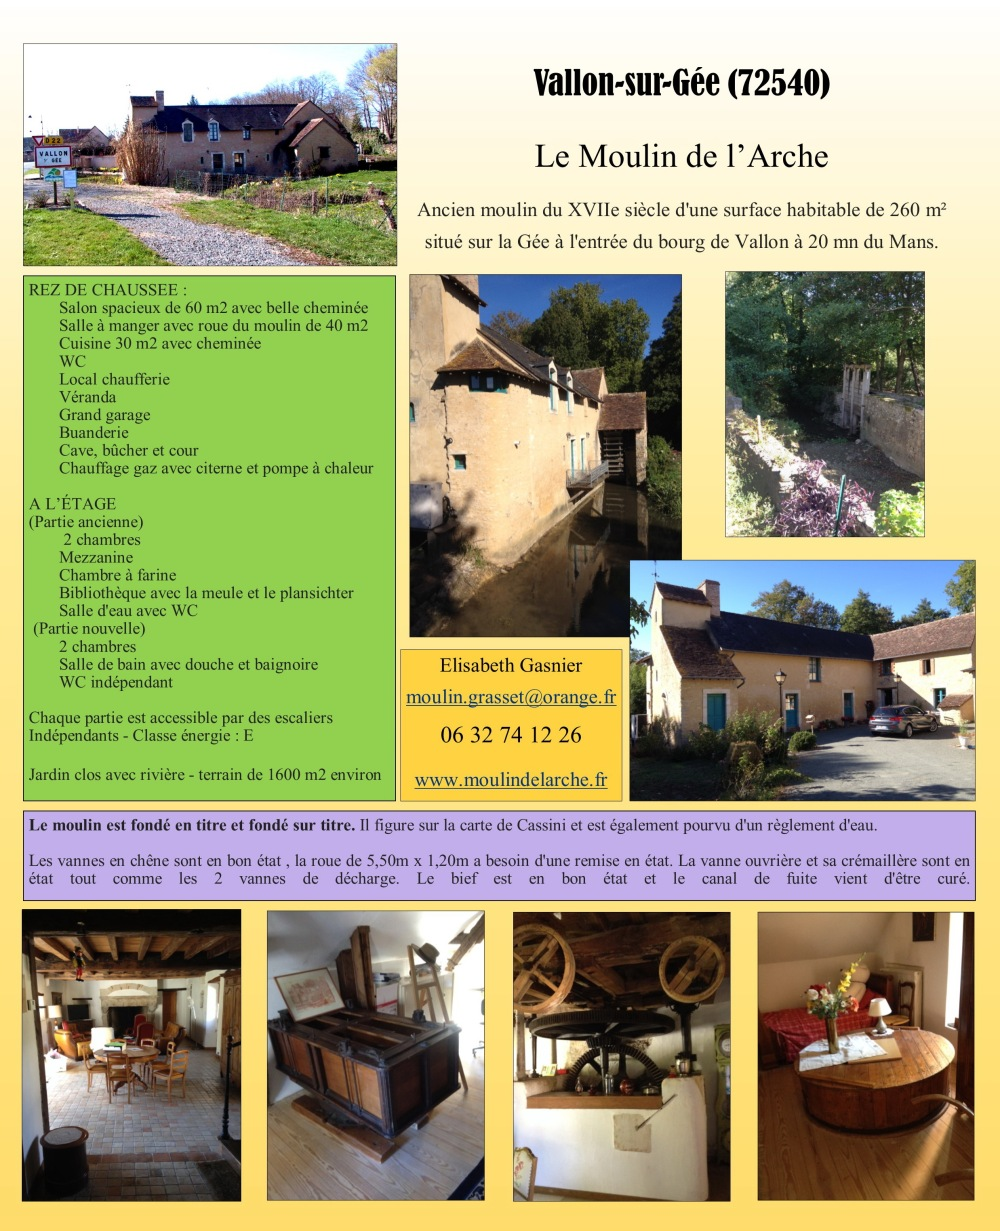 A vendre moulin de l'Arche- Vallon sur Gée